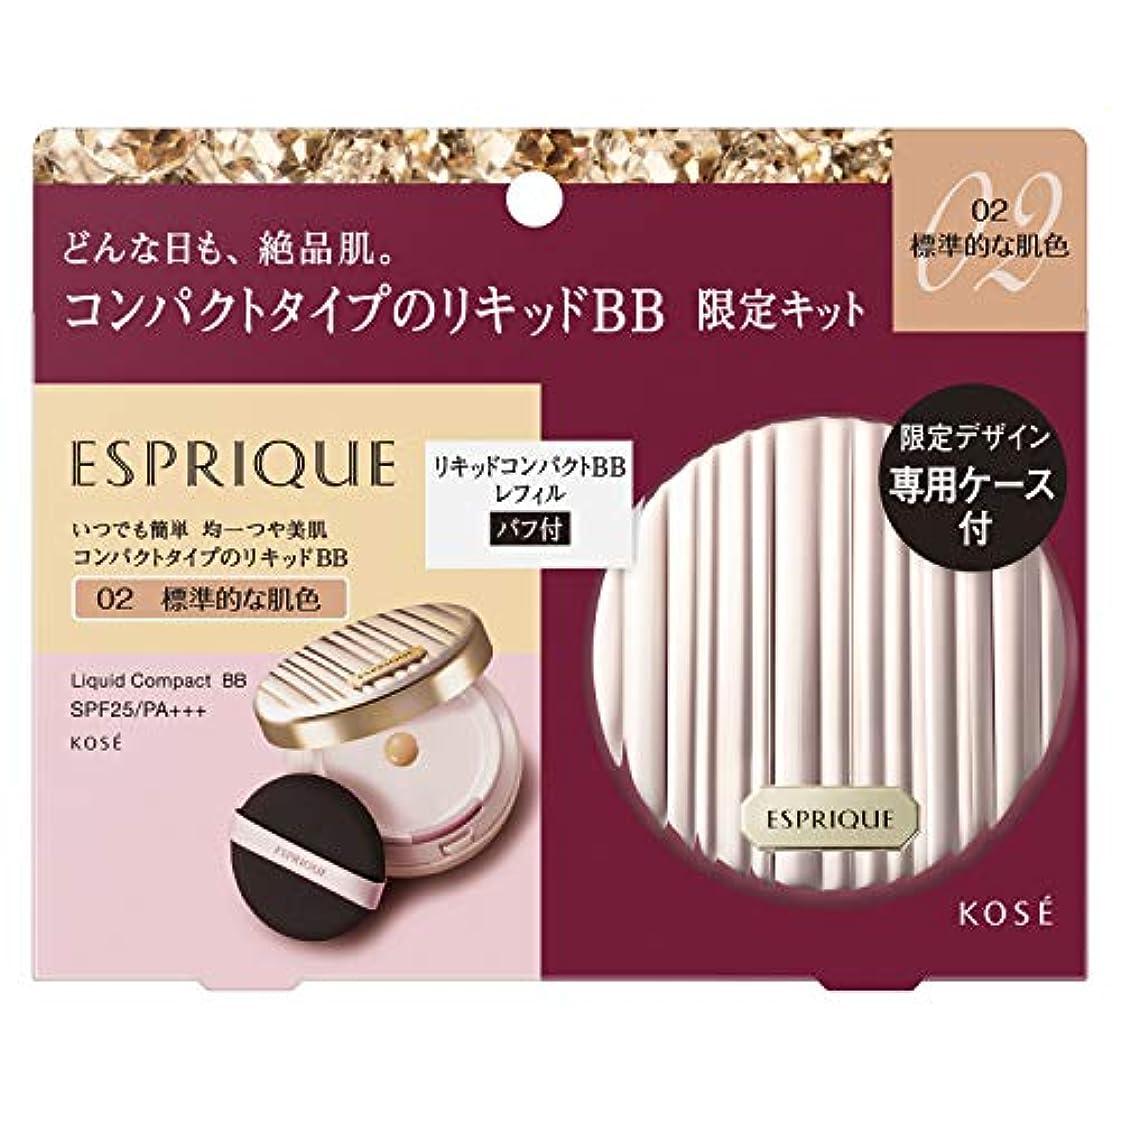 スパイ添付同様にESPRIQUE(エスプリーク) エスプリーク リキッド コンパクト BB 限定キット 2 BBクリーム 02 標準的な肌色 セット 13g+ケース付き